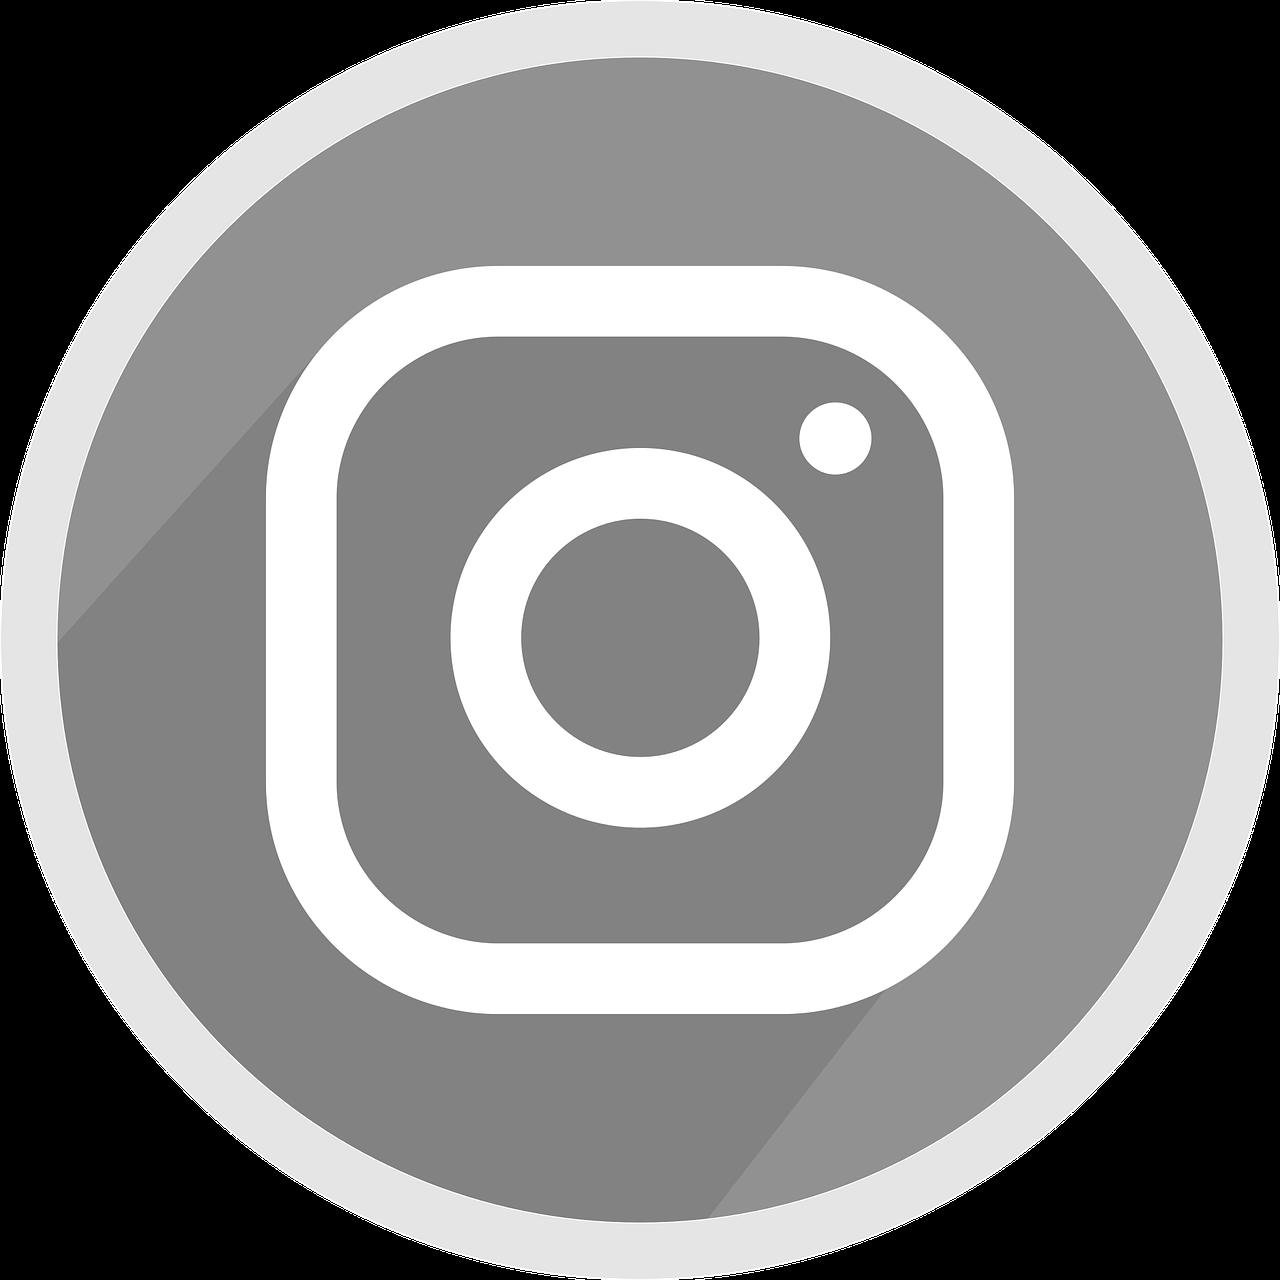 Logo instagram,icon,grey,social media,free vector.